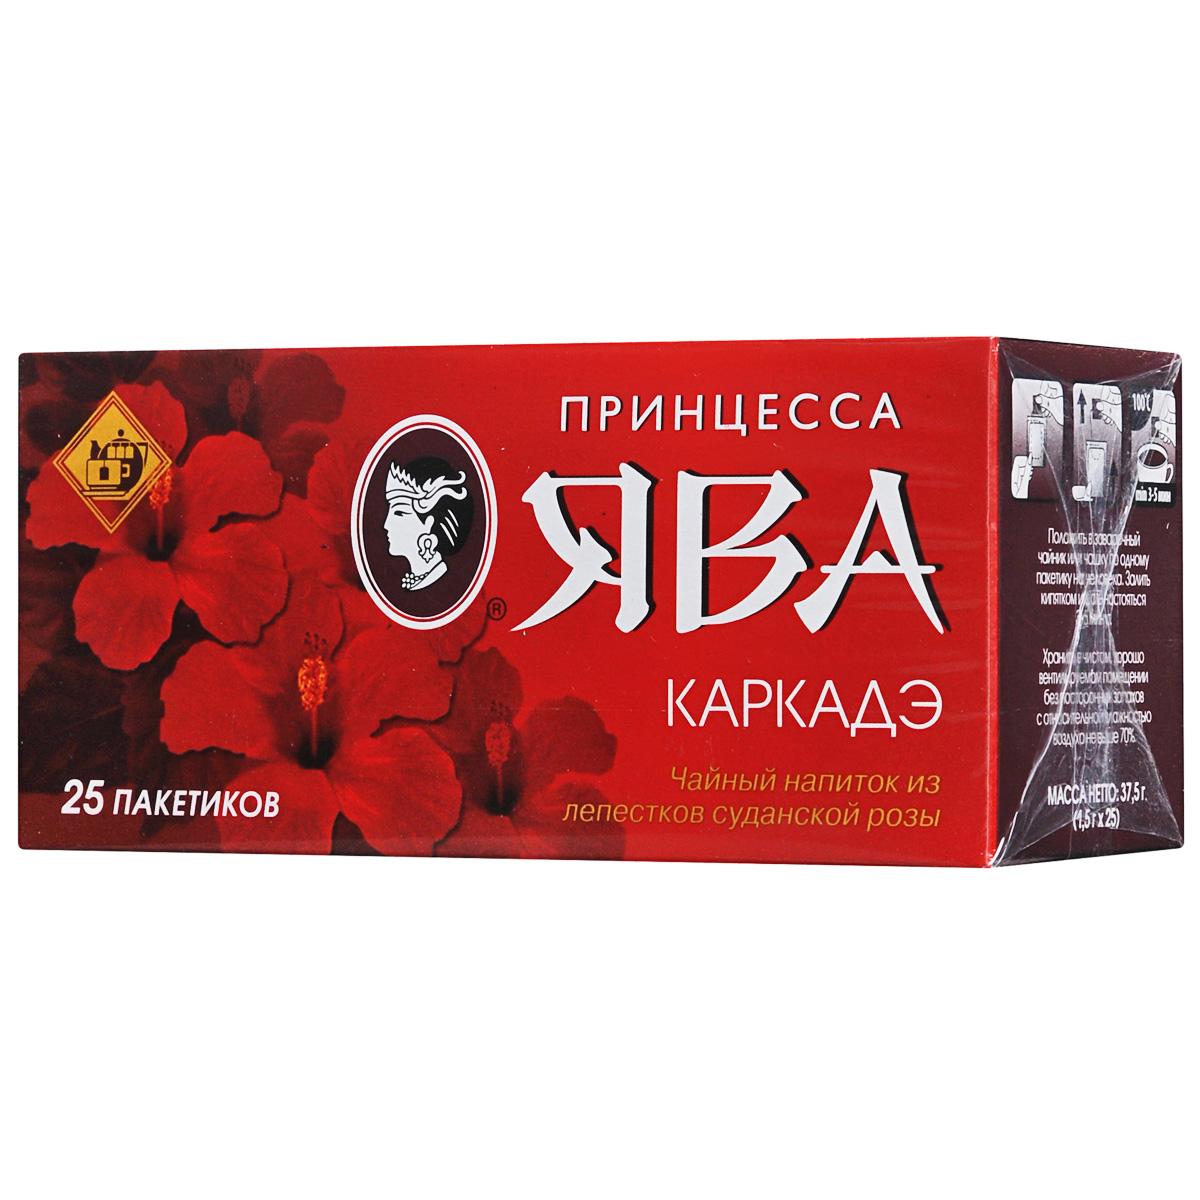 Принцесса Ява Каркадэ цветочный чай в пакетиках, 25 шт